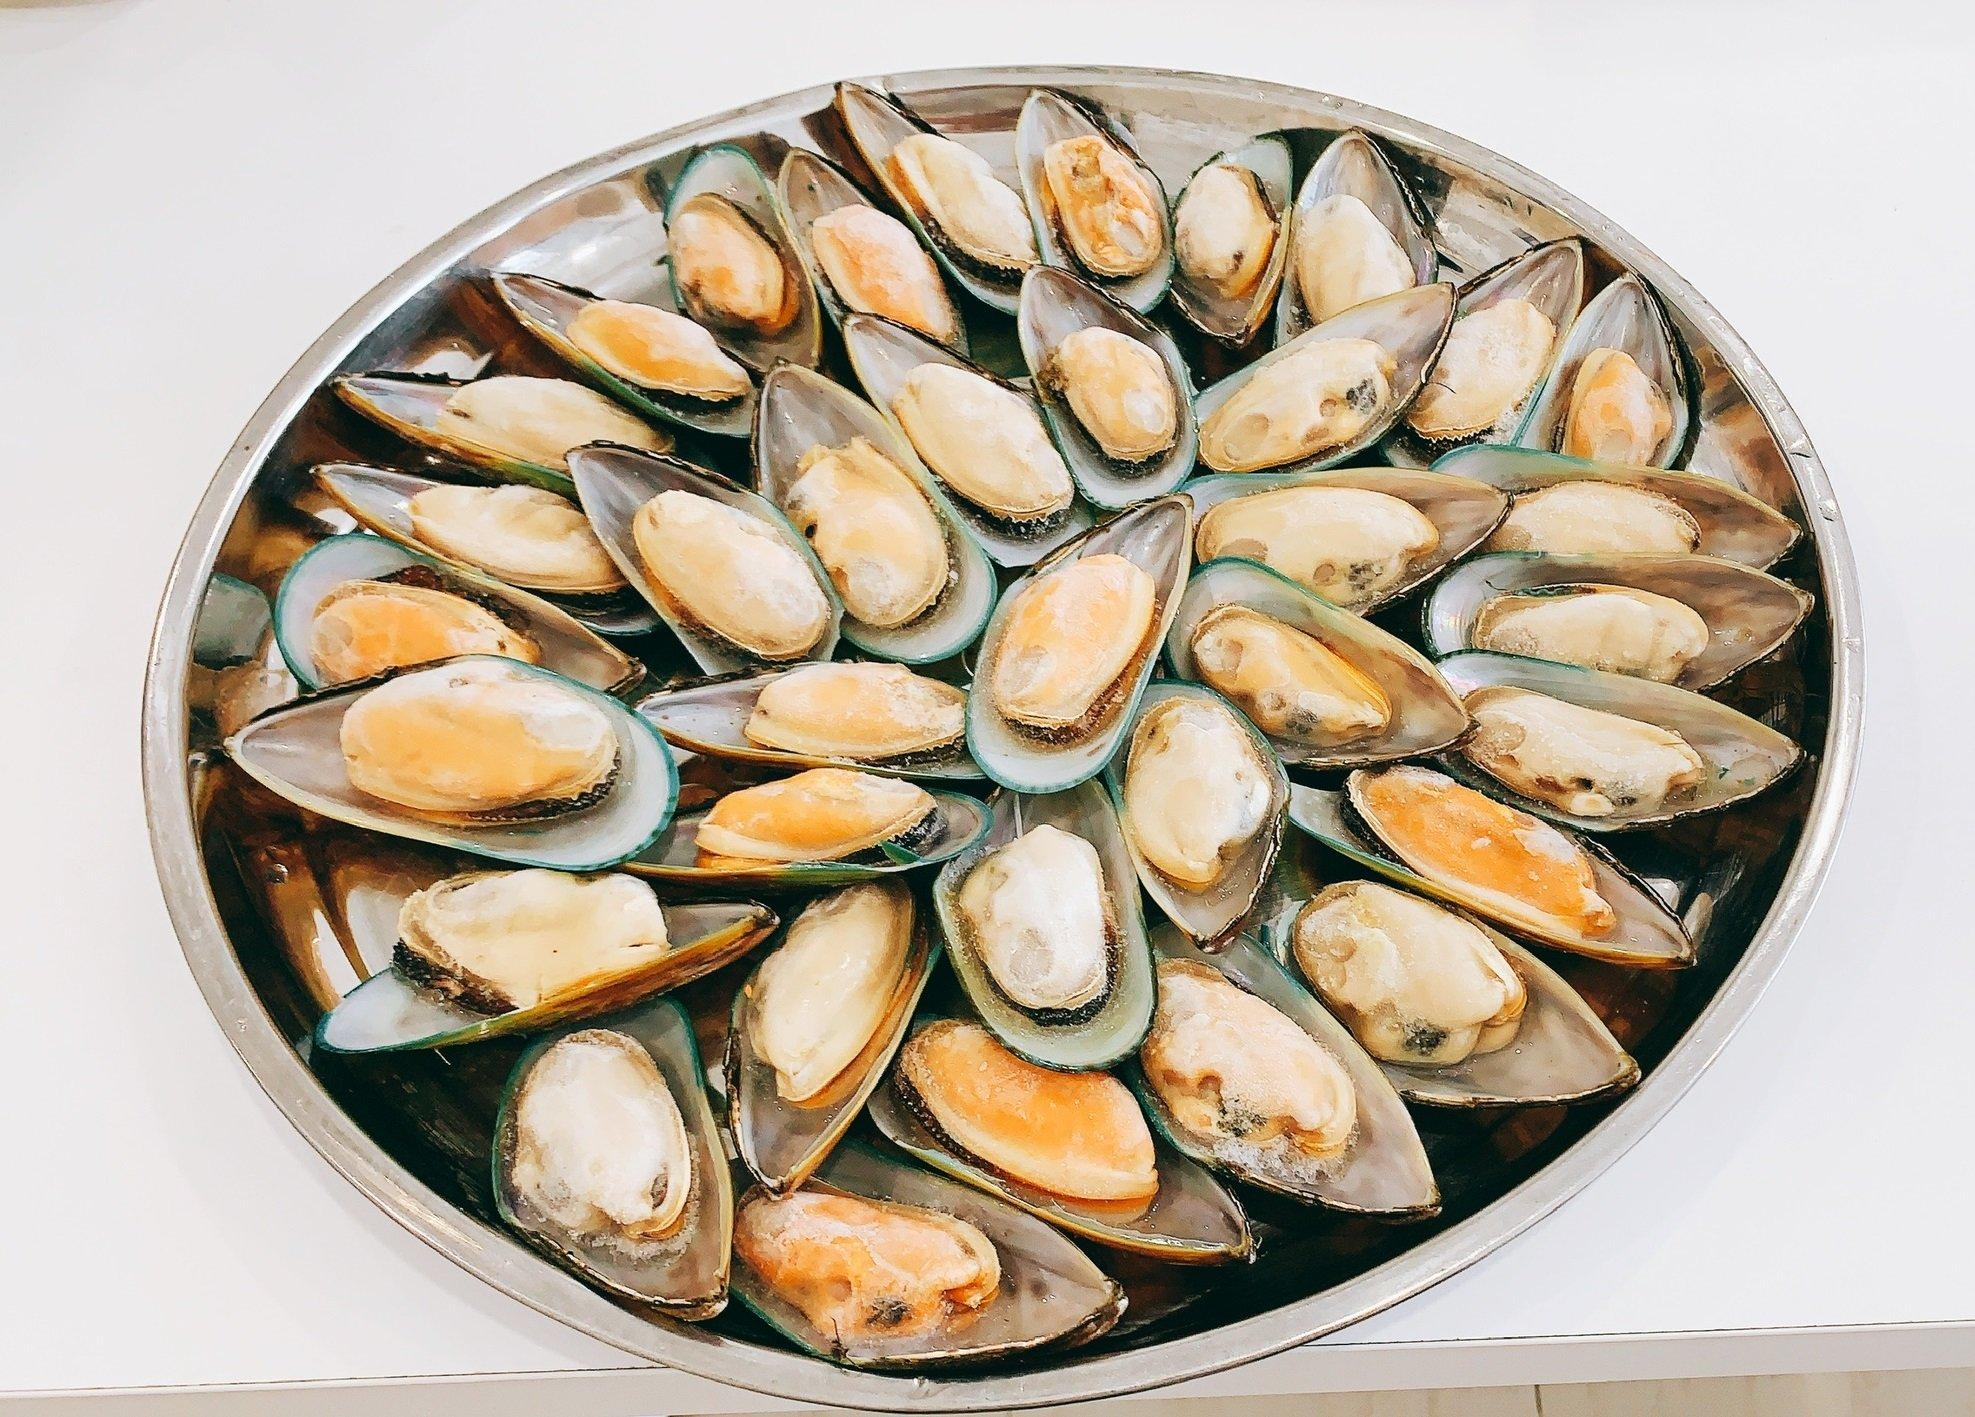 Thịt Nhập lấn sân sang dòng sản phẩm mới với các loại hải sản nhập